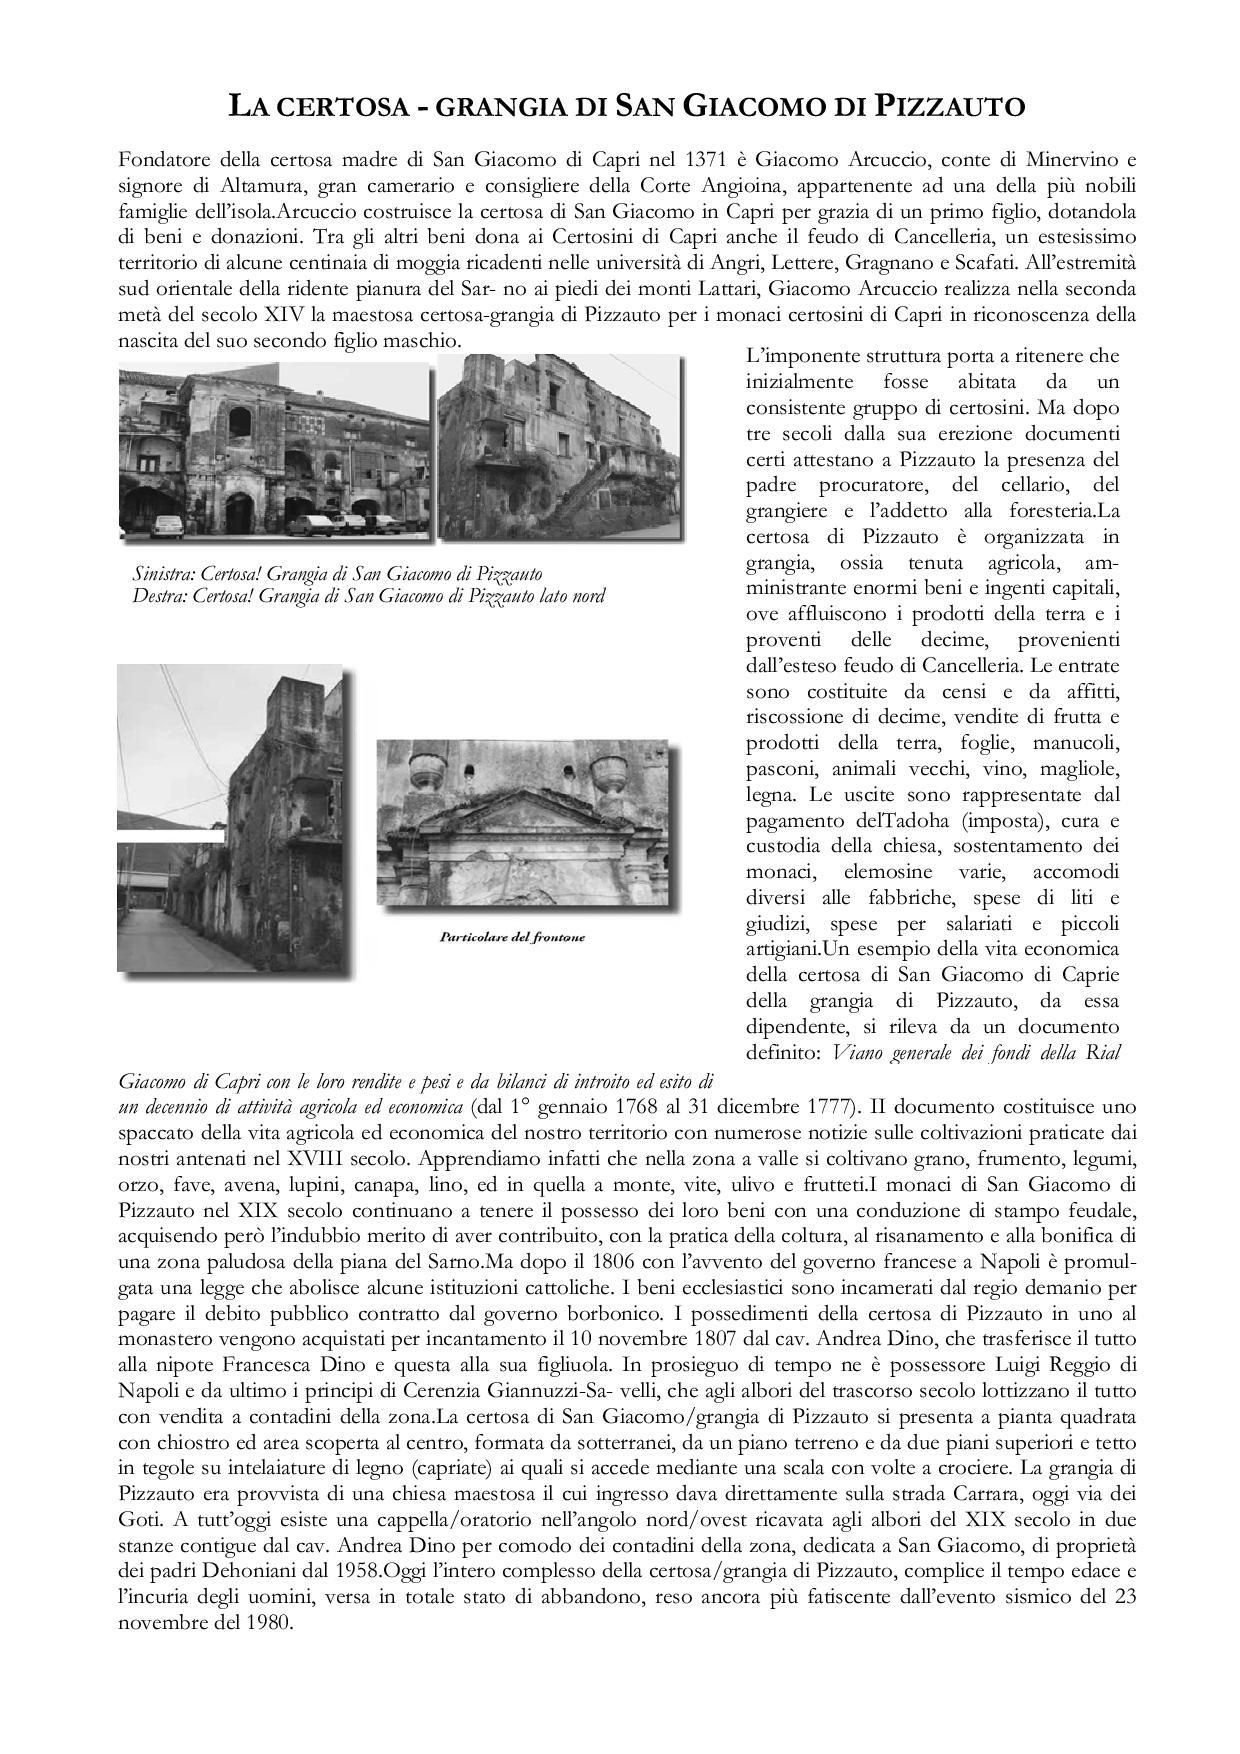 La Certosa-Grangia di San Giacomo di Pizzauto